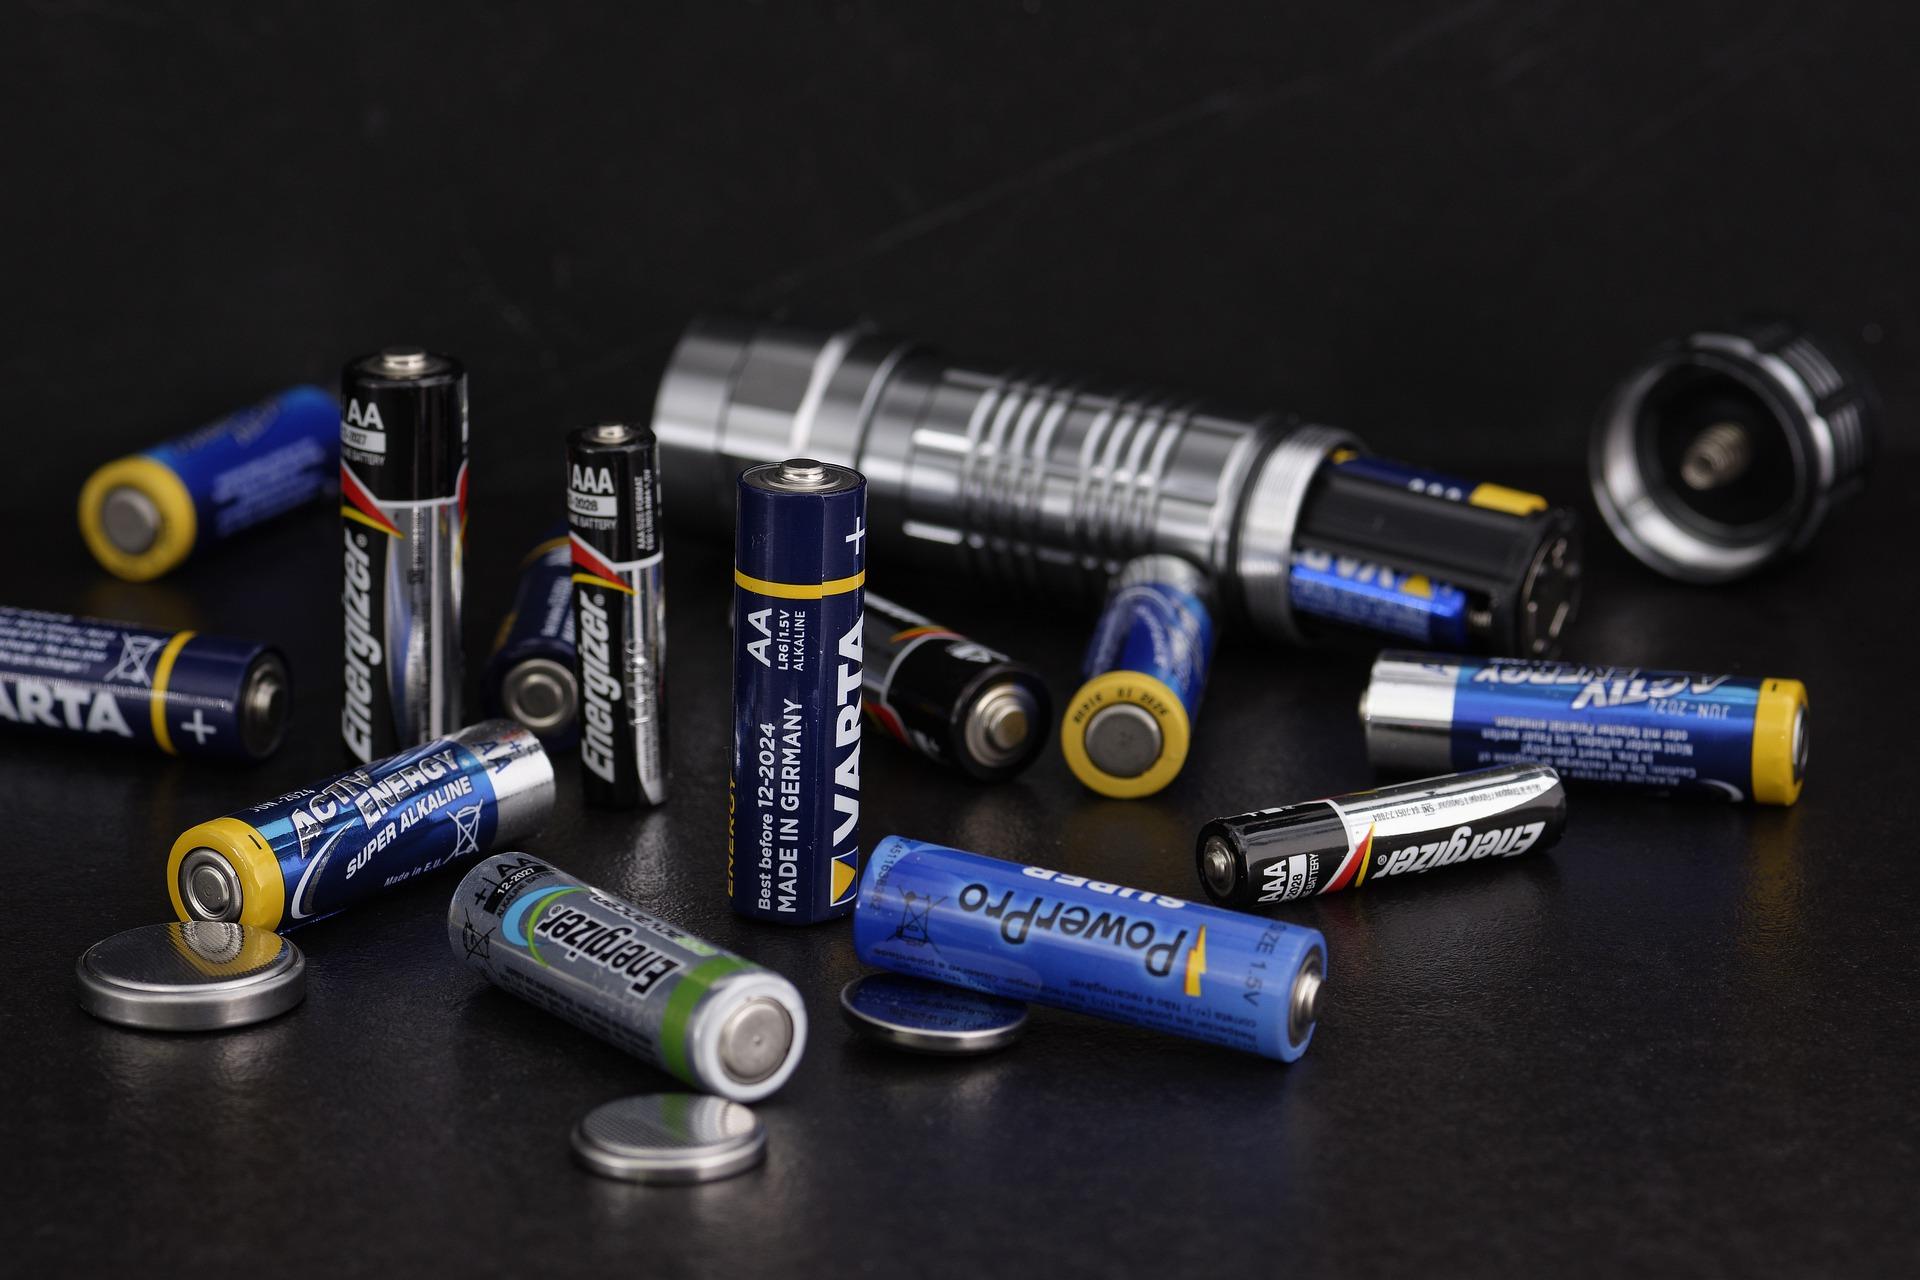 Baterias do futuro podem gerar energia limpando a água do banheiro